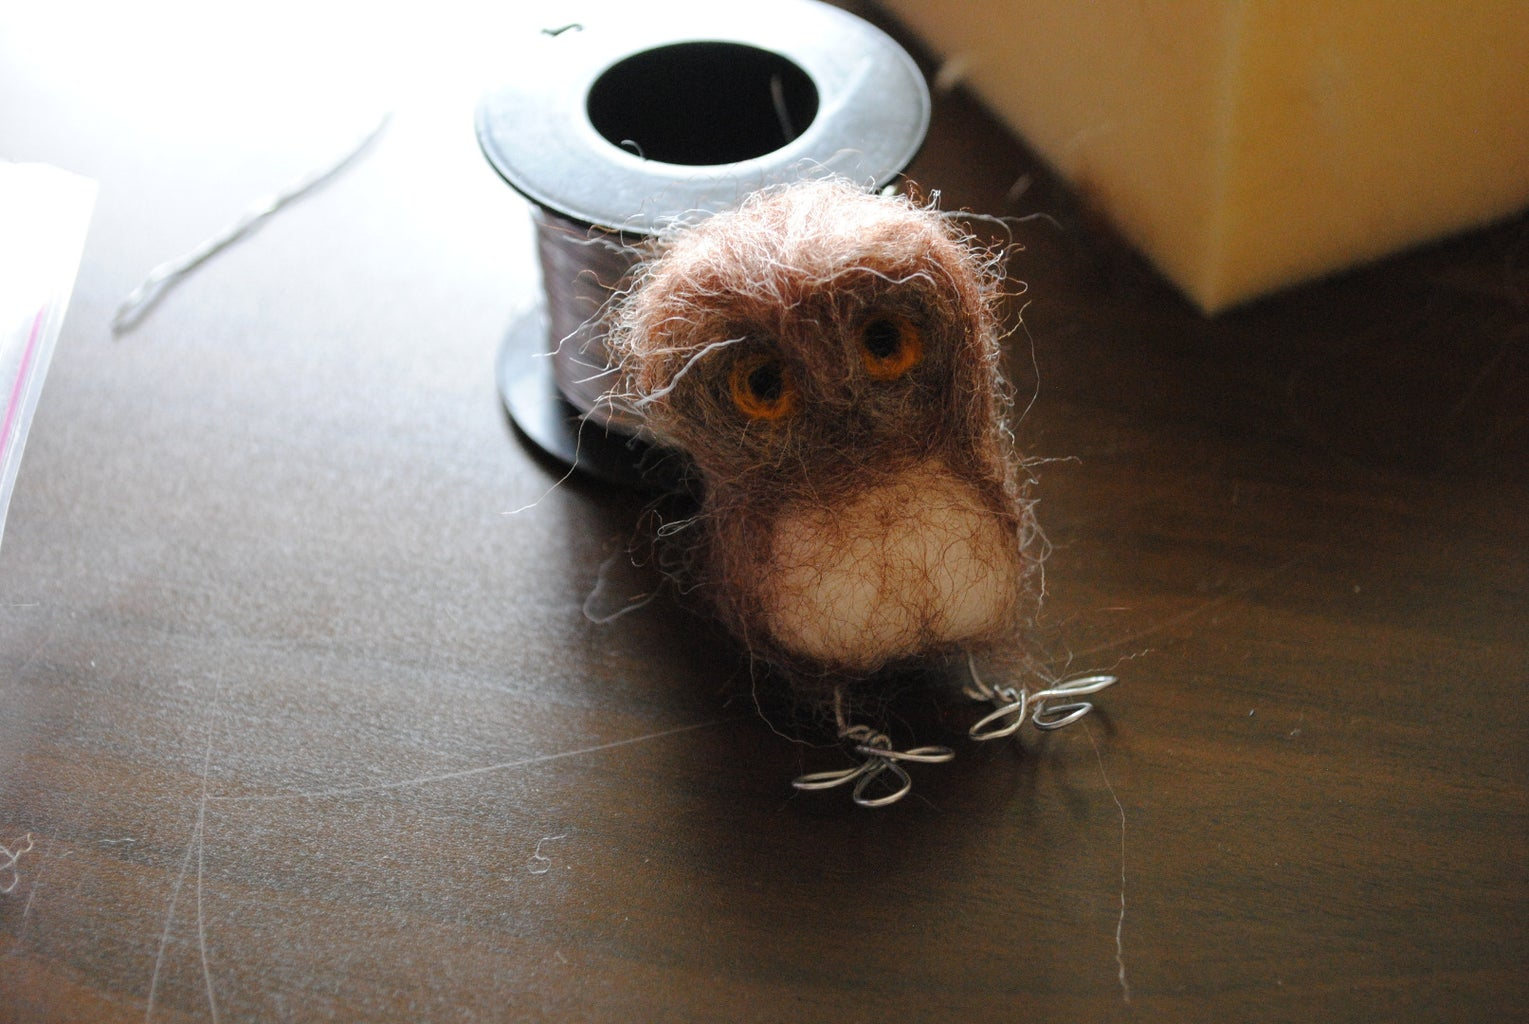 Colour the Owl